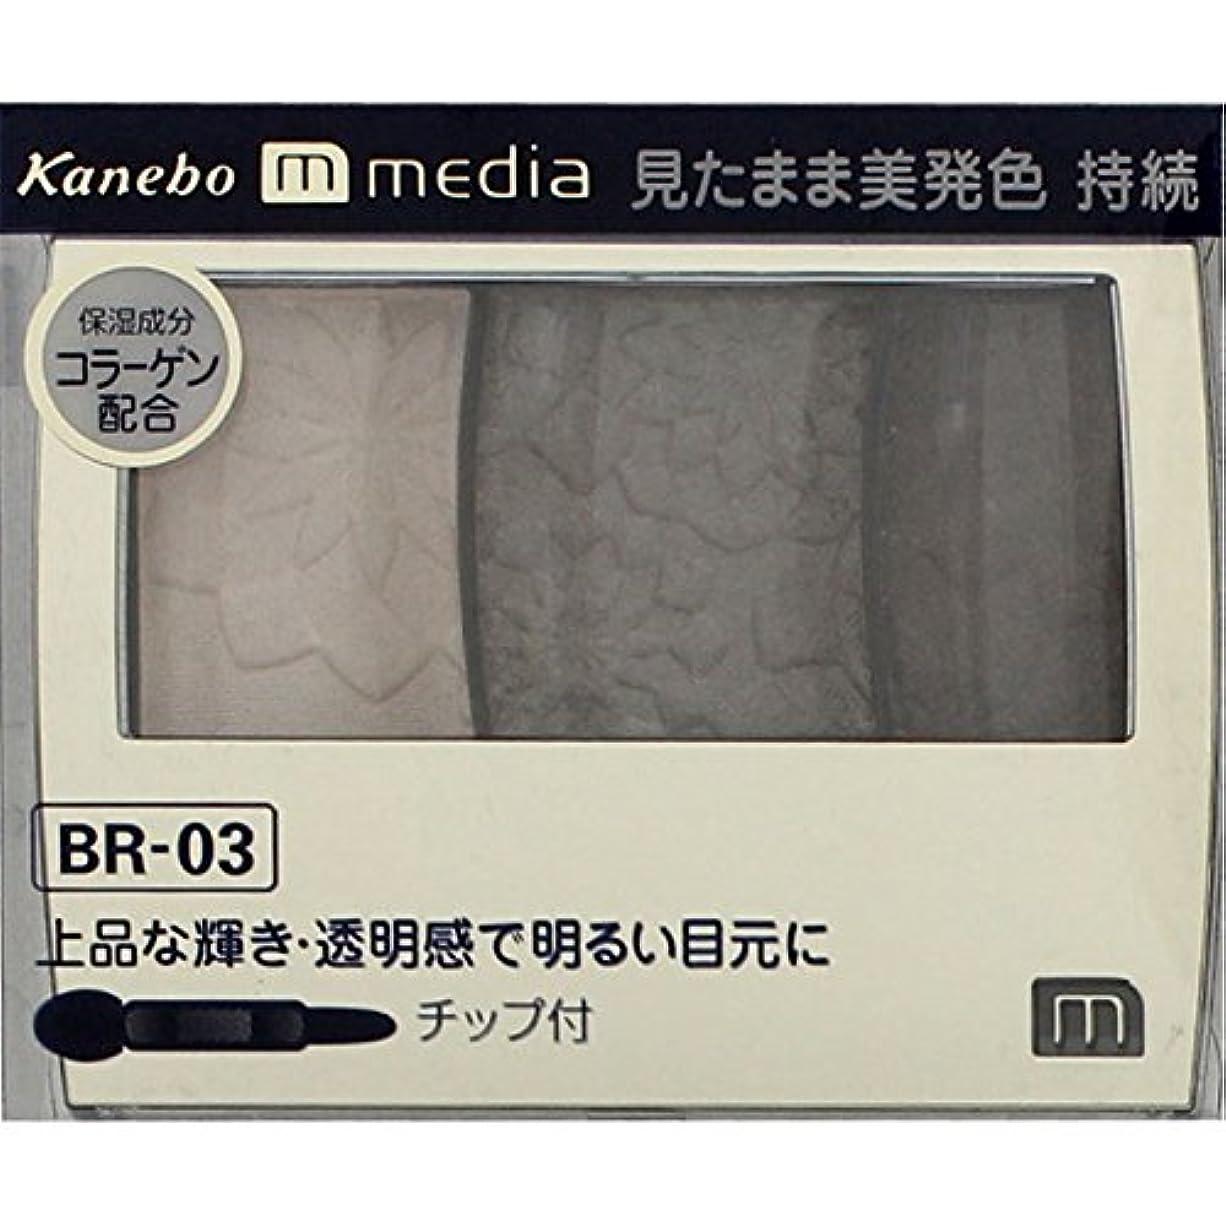 うねる金貸しにおい【カネボウ】 メディア グラデカラーアイシャドウ BR-03